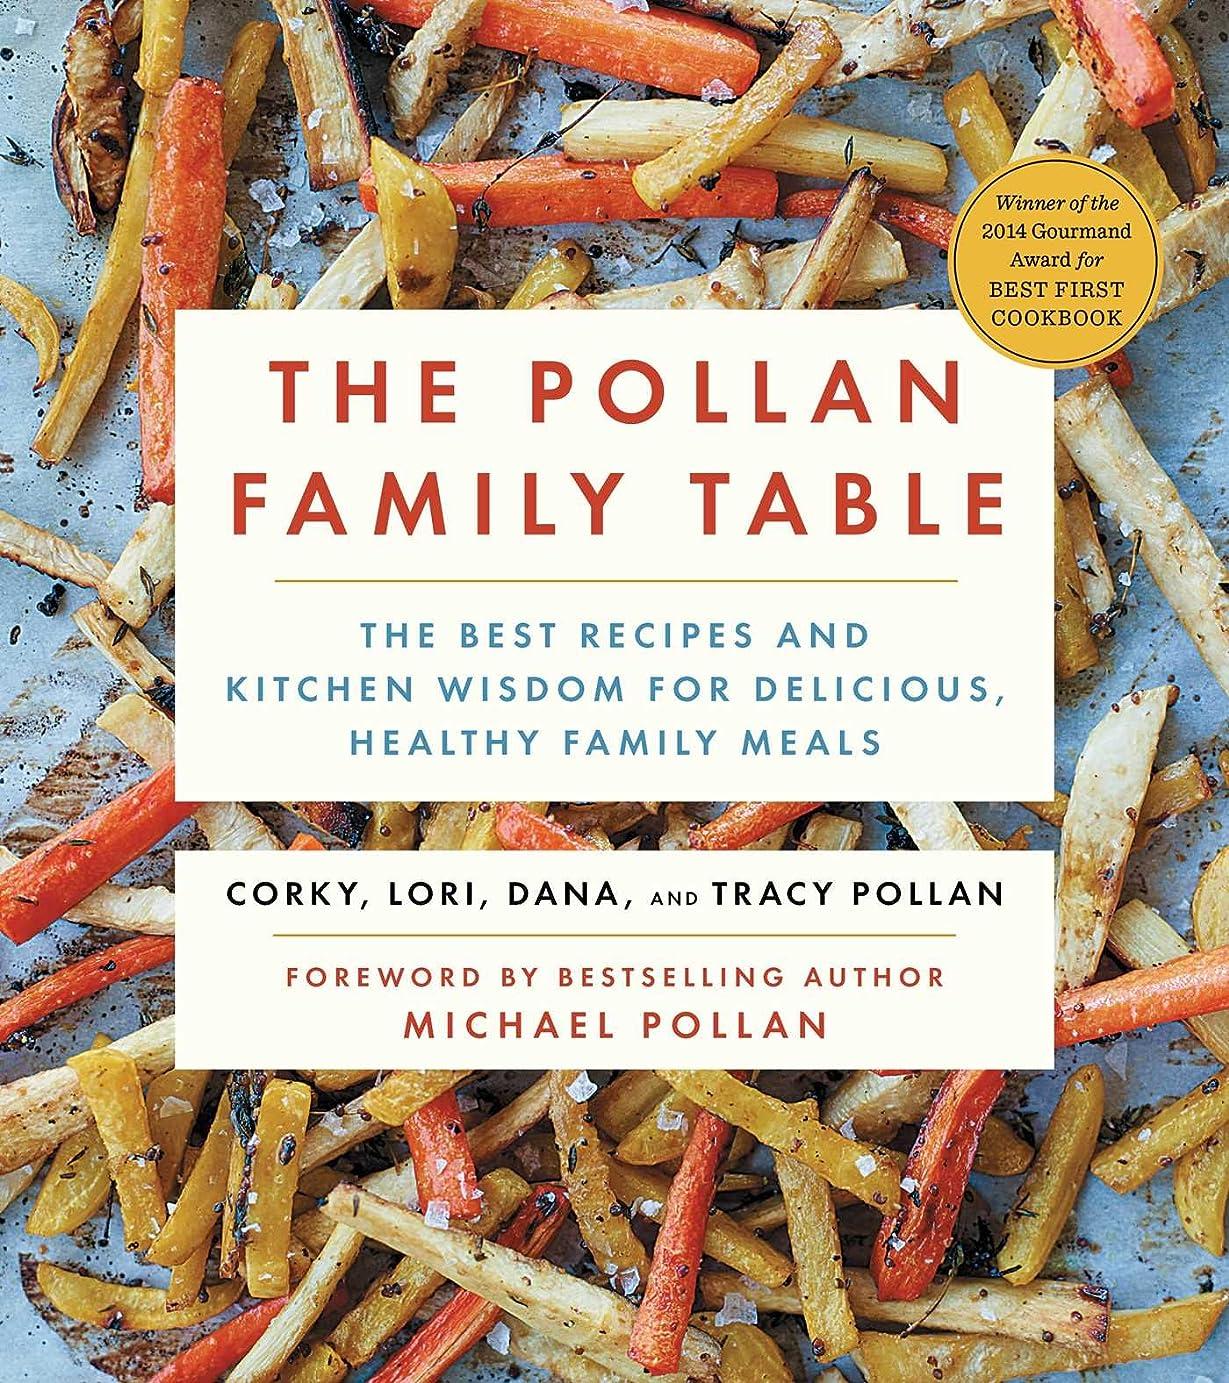 大ジョブのみThe Pollan Family Table: The Very Best Recipes and Kitchen Wisdom for Delicious Family Meals (English Edition)